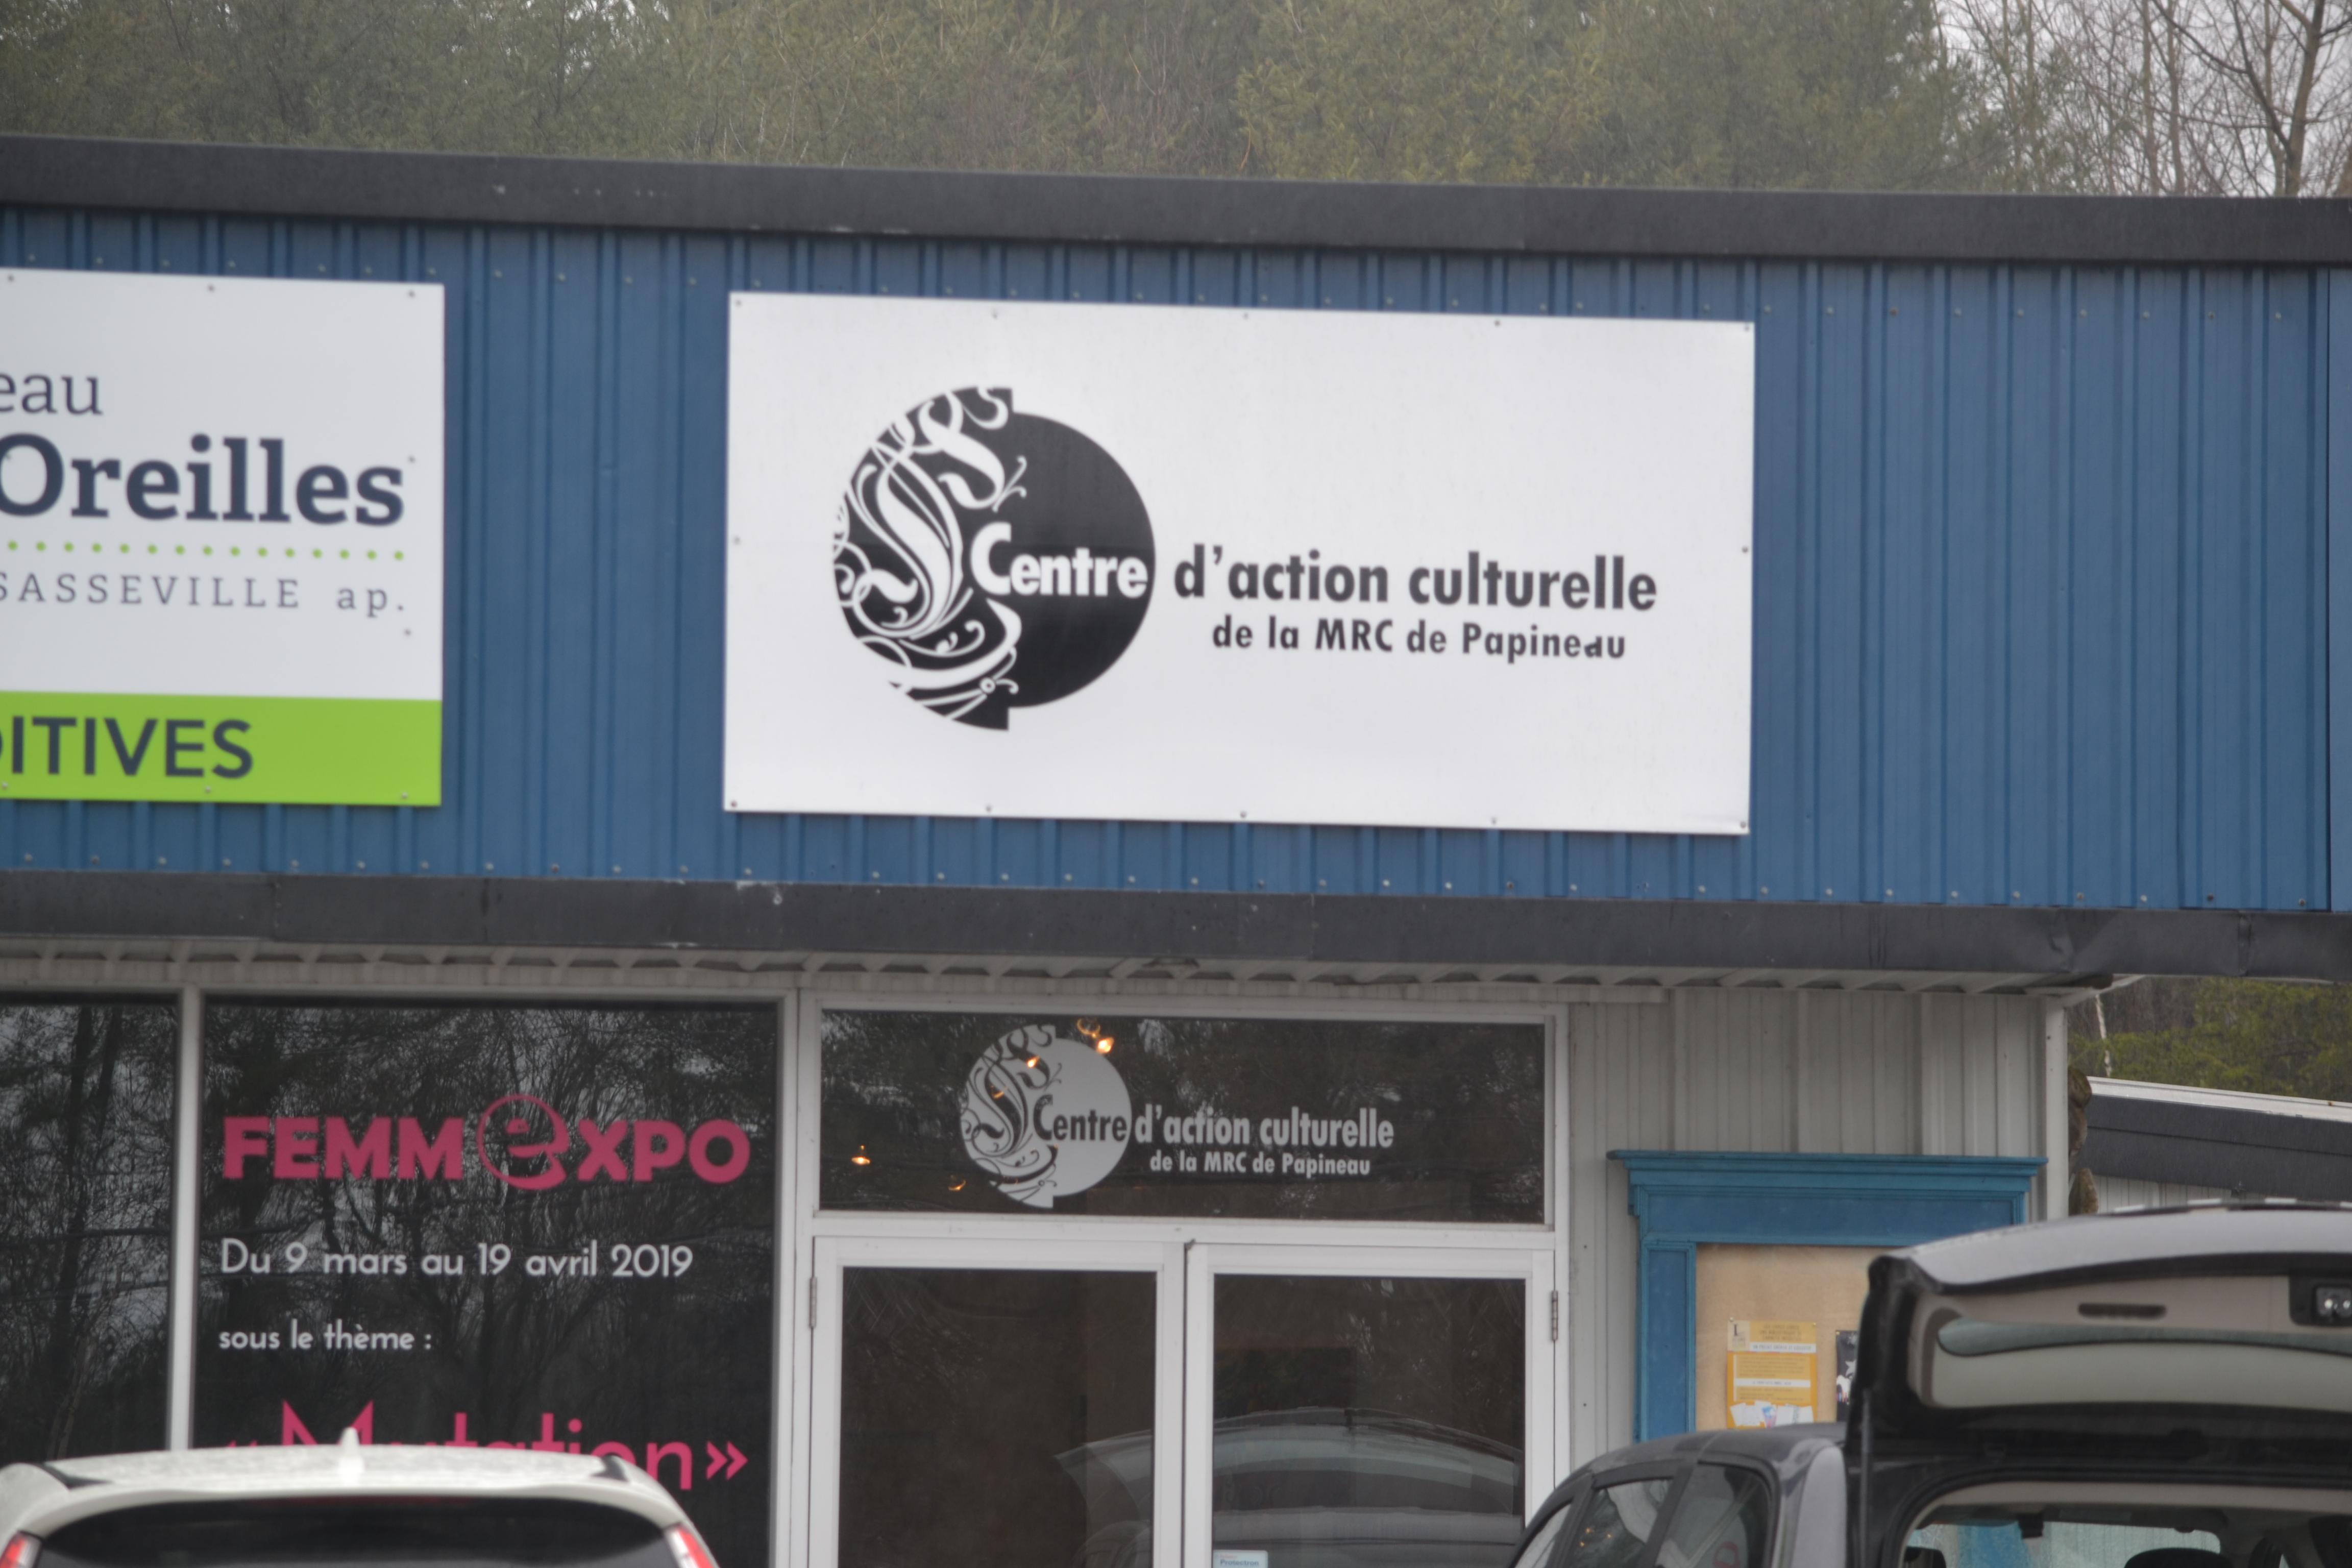 Centre action culturelle